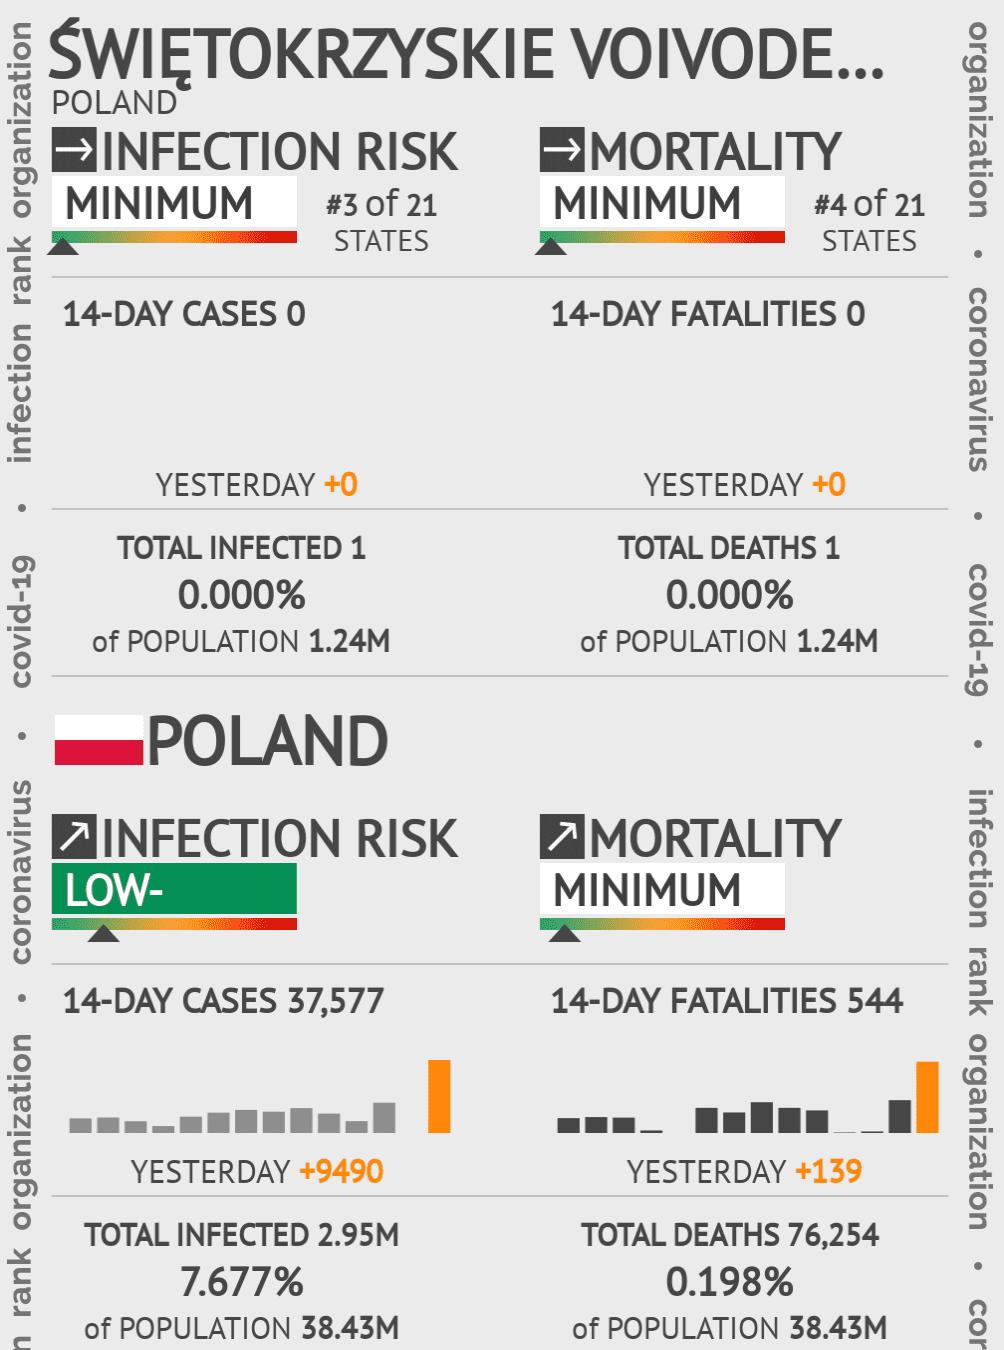 Świętokrzyskie Voivodeship Coronavirus Covid-19 Risk of Infection on December 11, 2020